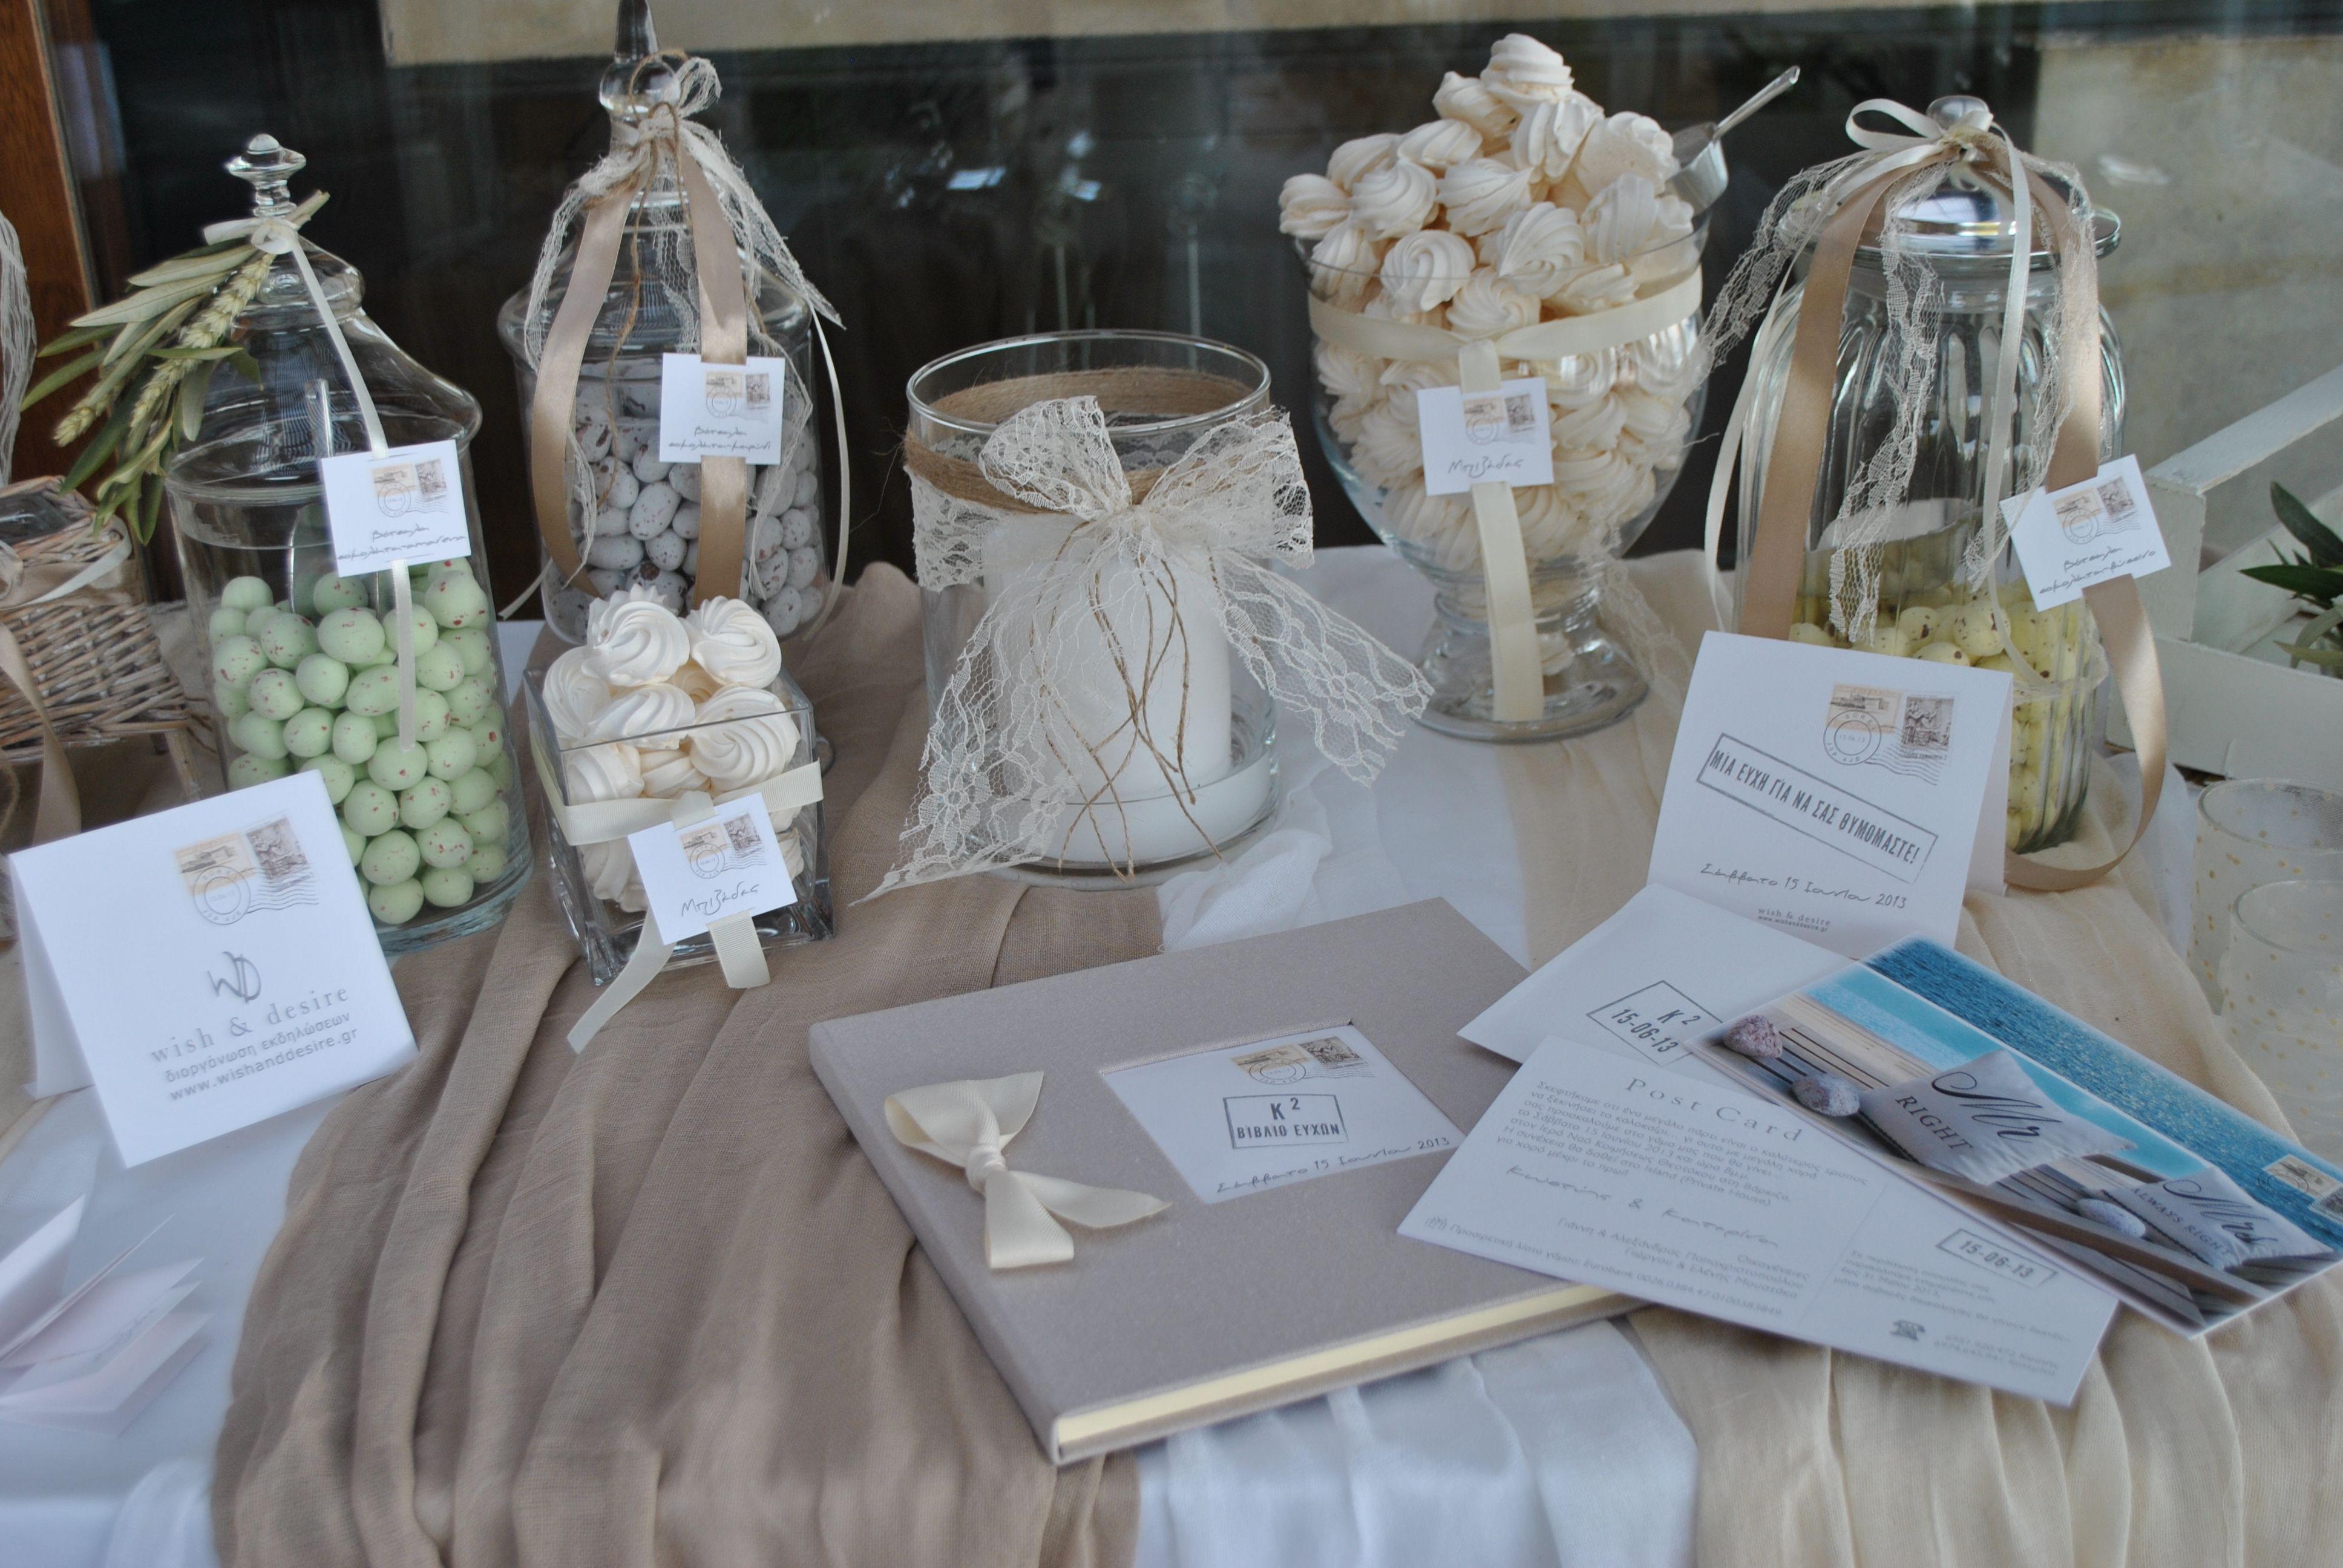 U Candy Bar Wedding PartiesWedding ReceptionWedding IdeasWedding